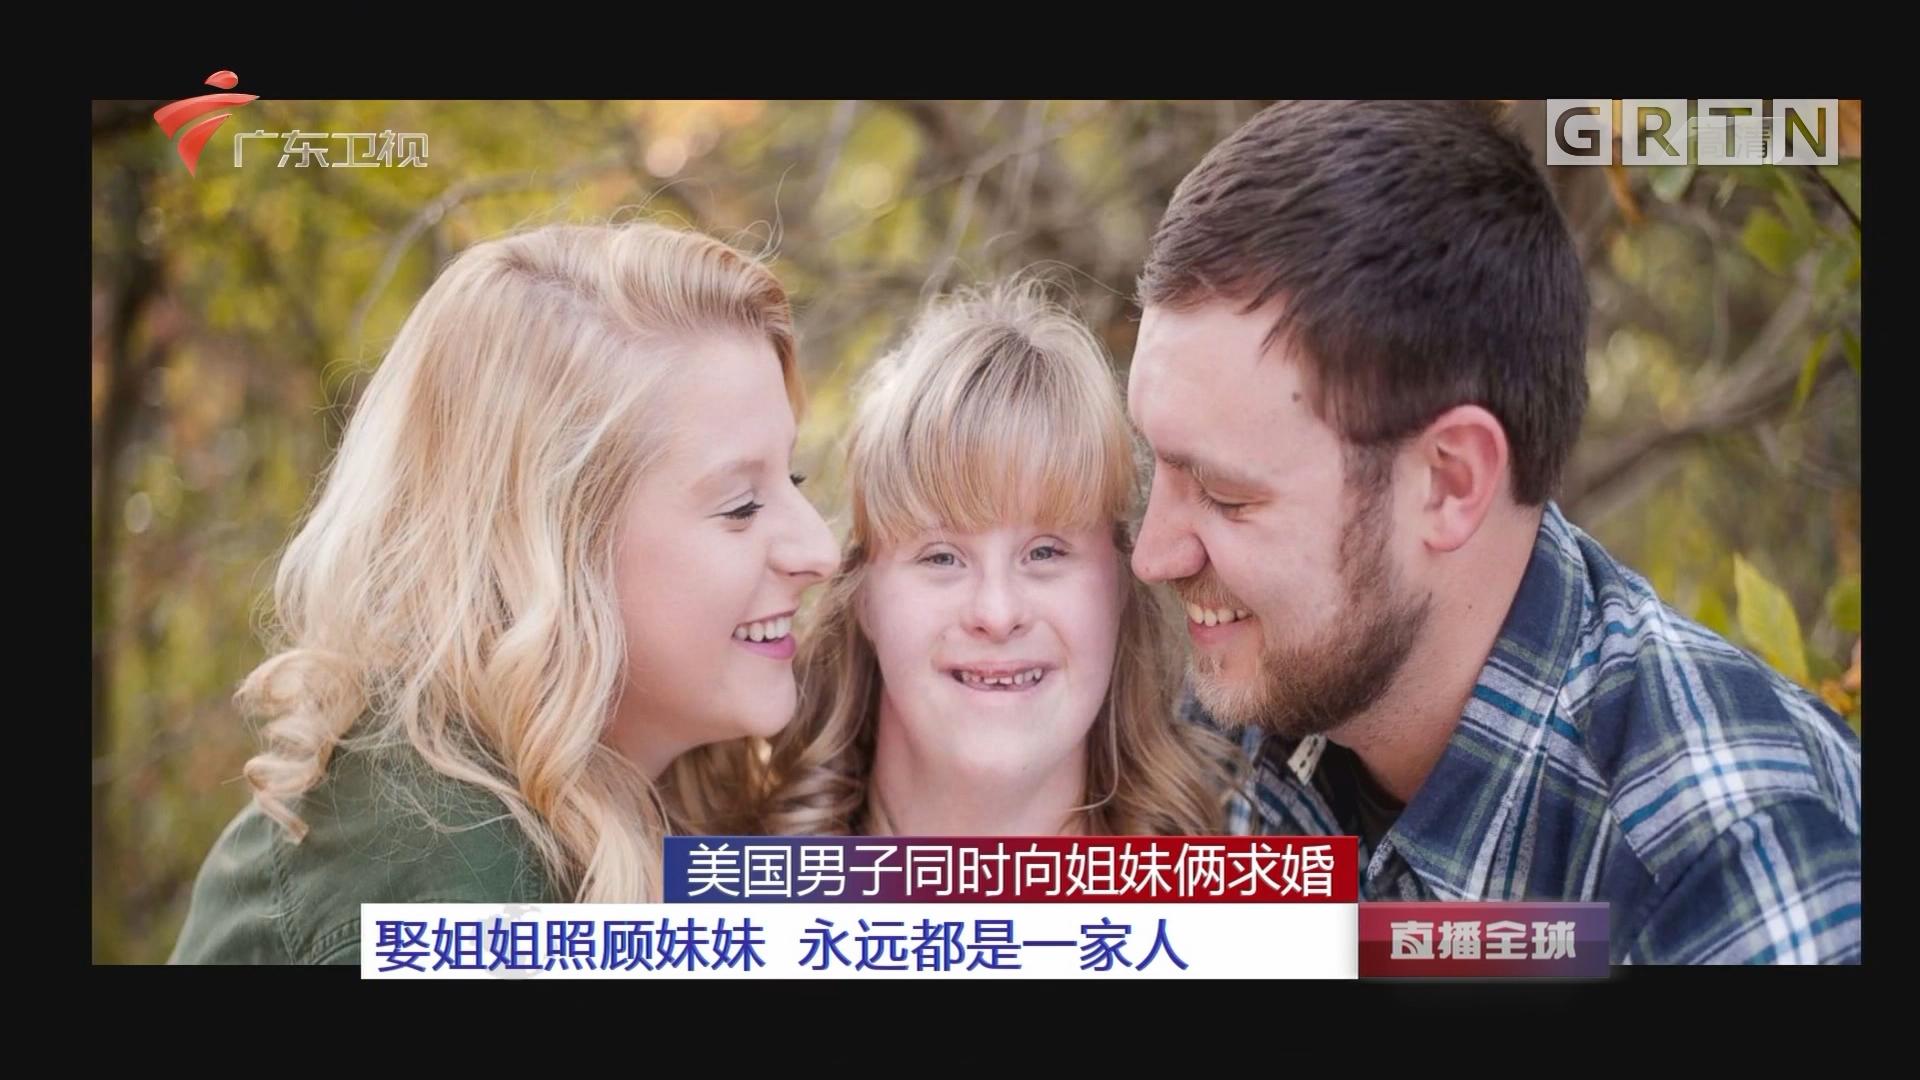 美国男子同时向姐妹俩求婚:娶姐姐照顾妹妹 永远都是一家人